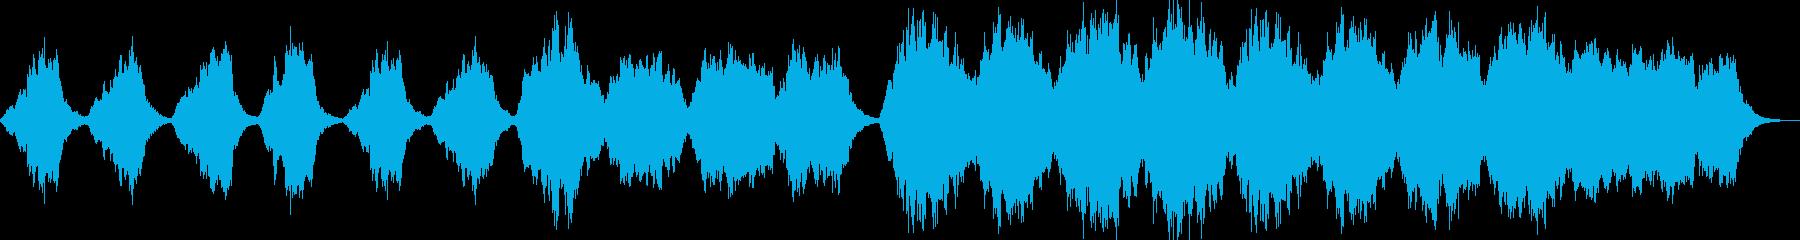 サスペンス向きの美しいストリングス曲の再生済みの波形